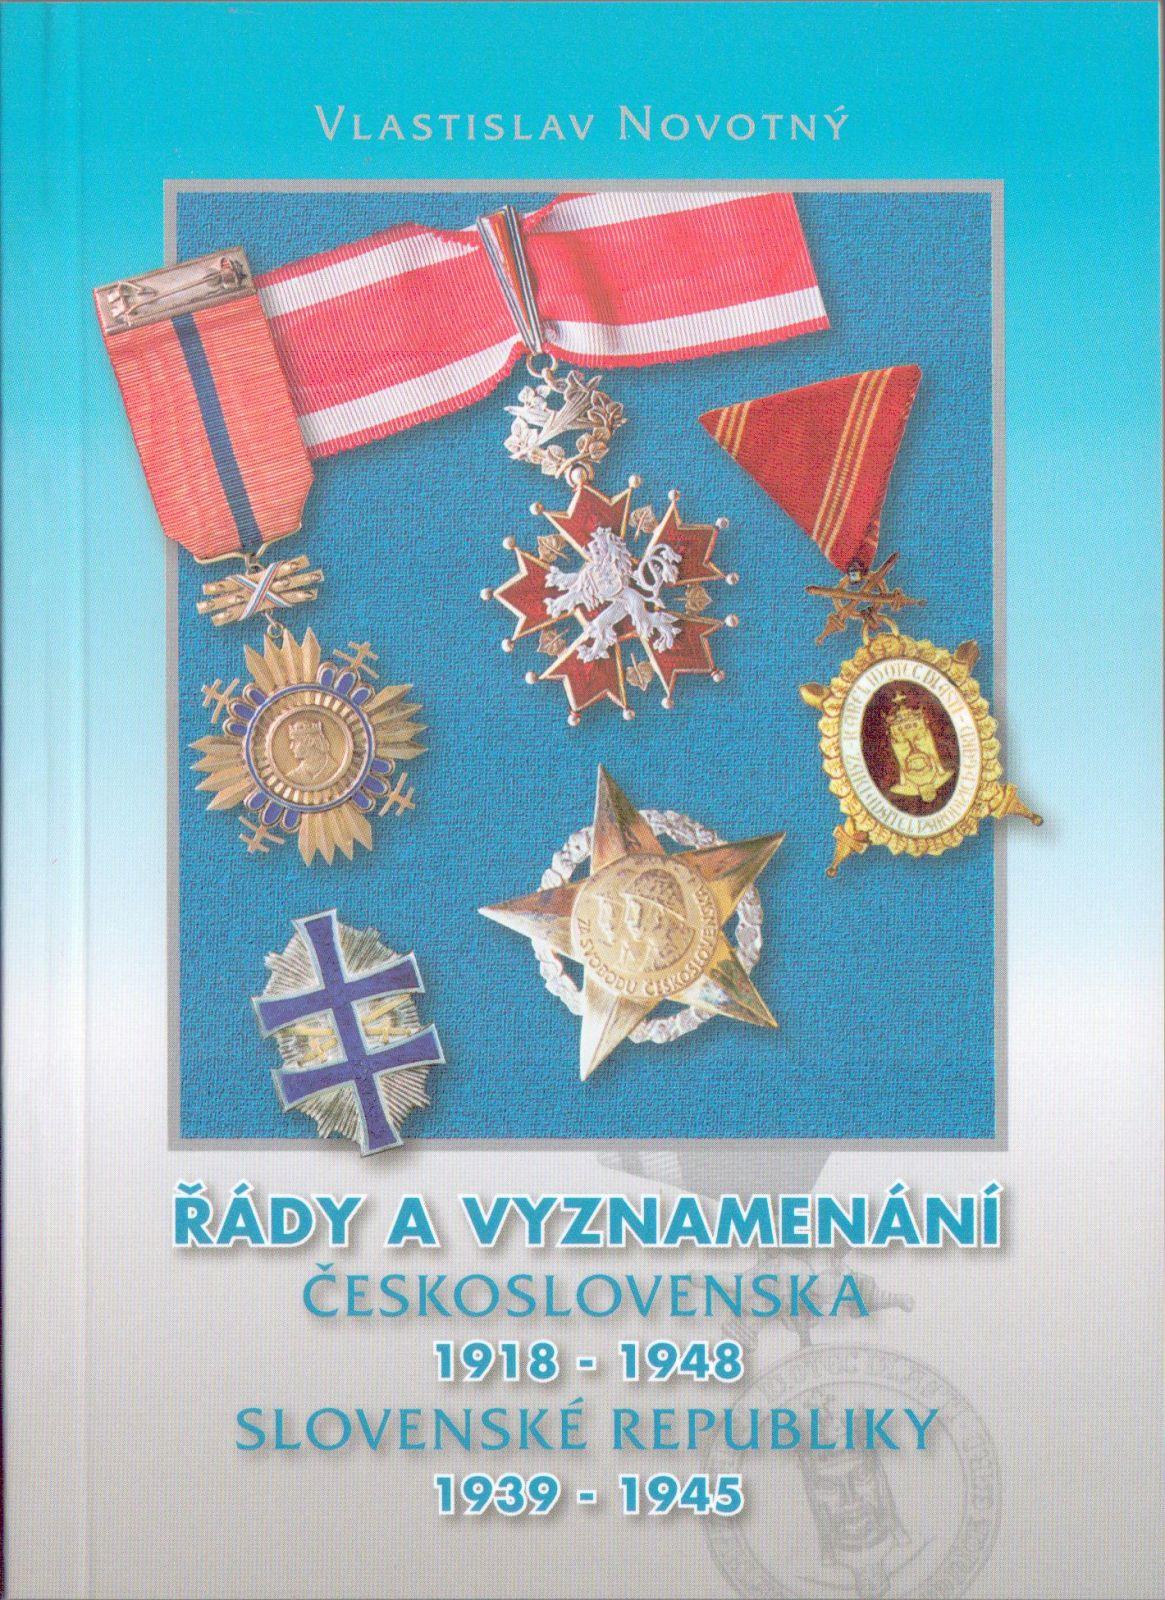 Řády a vyznamenání Československa (1918-1948) a Slovenské republiky (1939-1945)